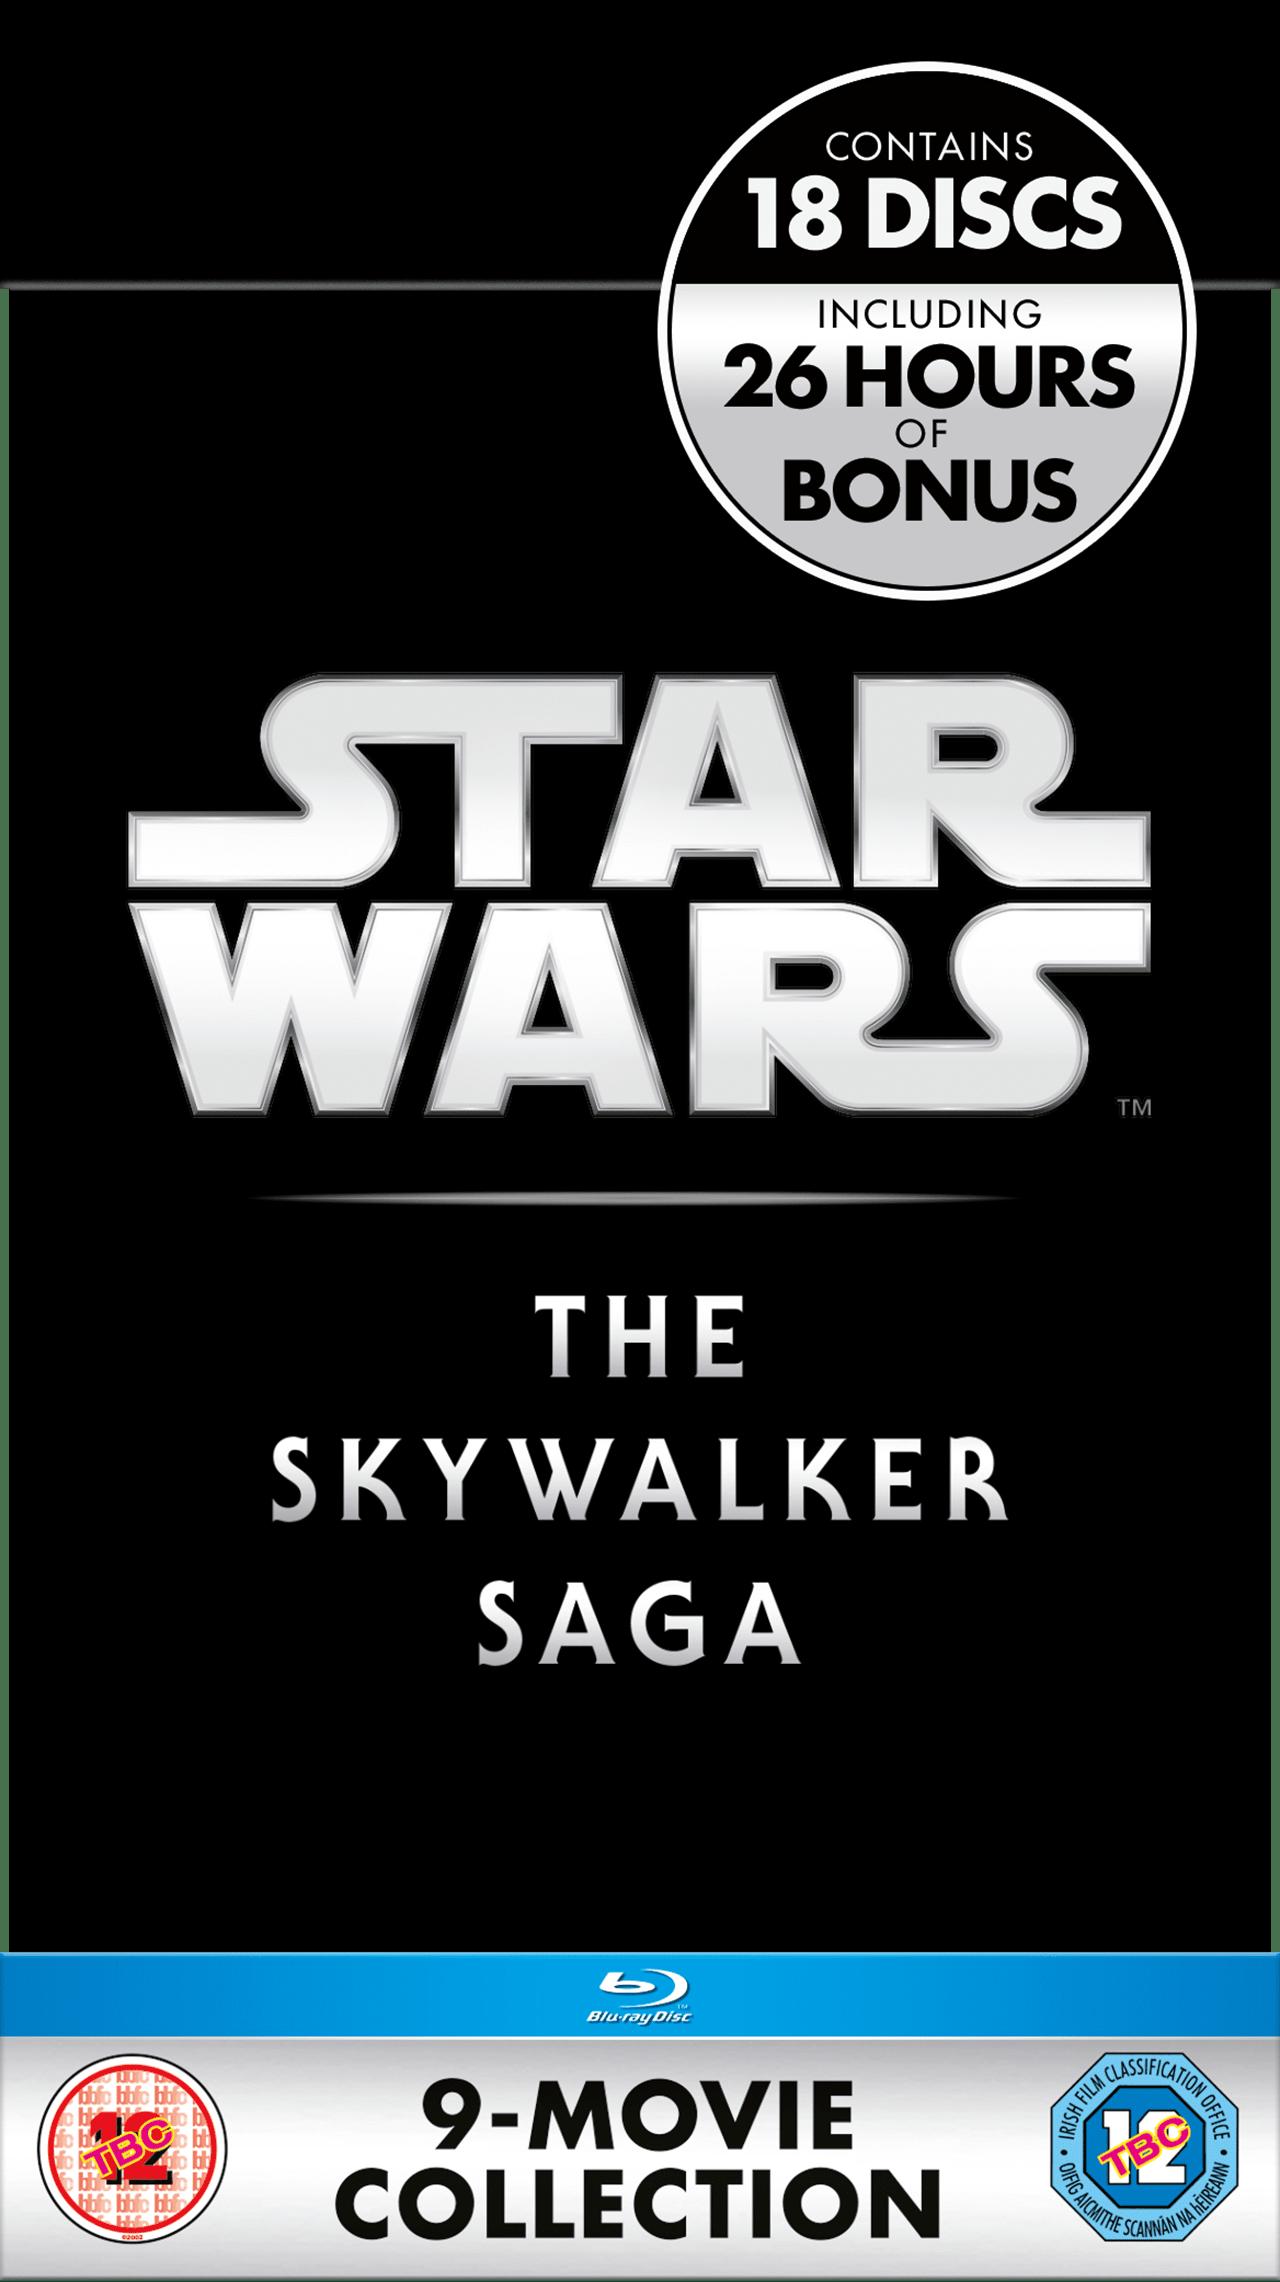 Star Wars: The Skywalker Saga Complete Box Set - 3